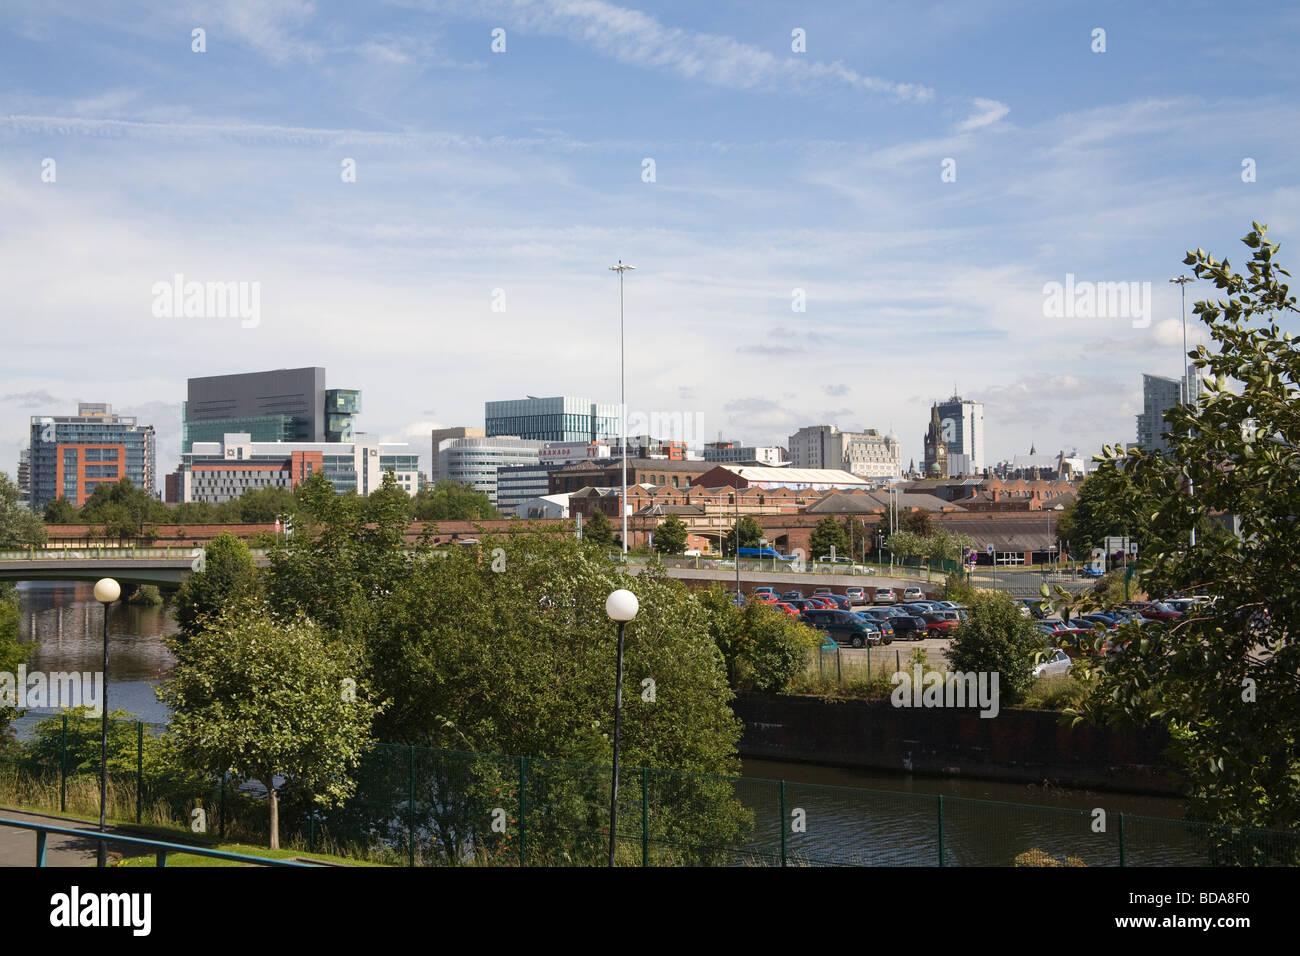 Manchester, Inglaterra Vista a través de río Irwell a edificios altos rascacielos en el centro de la ciudad Imagen De Stock